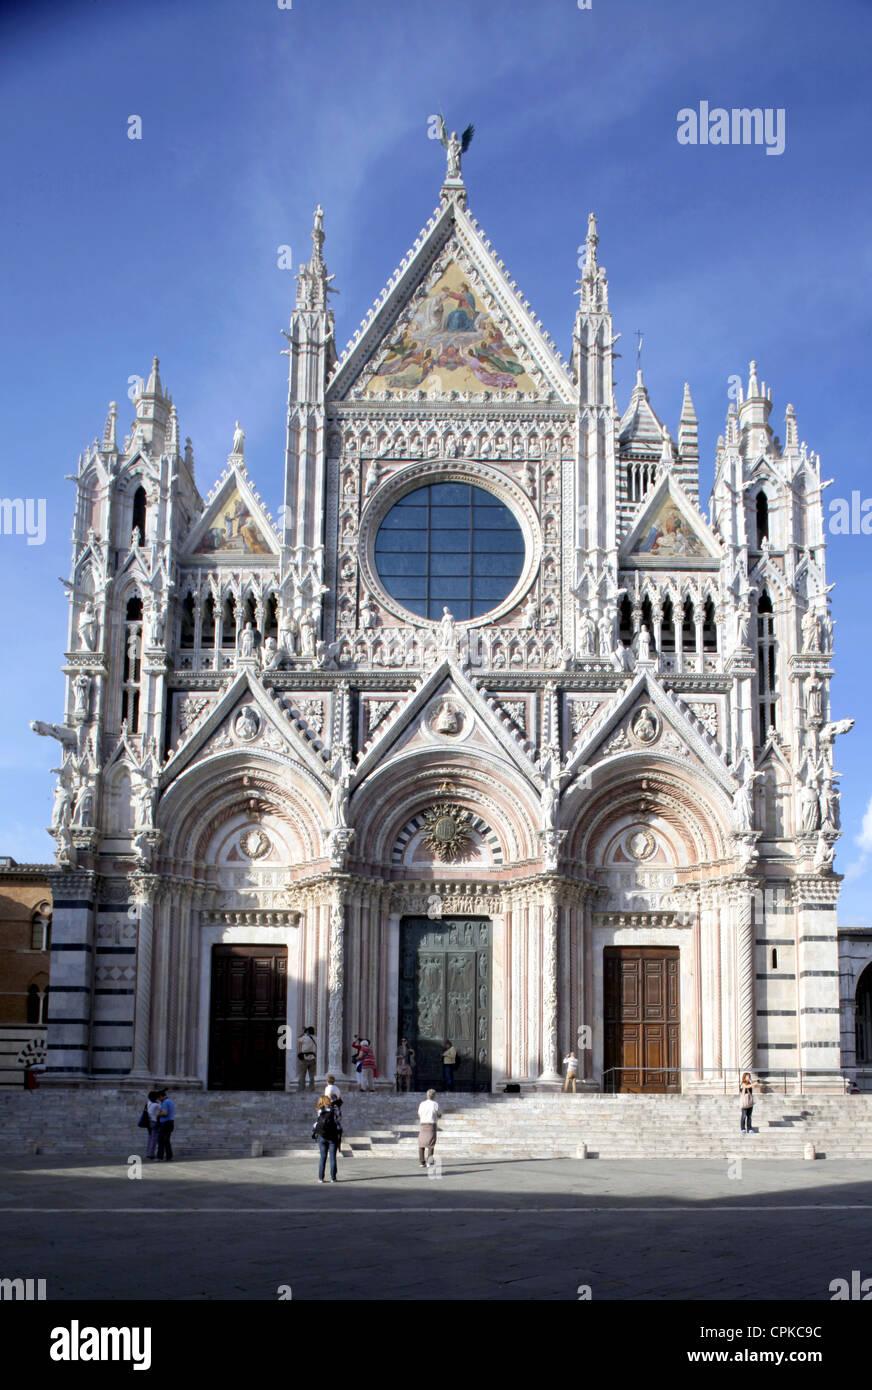 La CATHÉDRALE DE SIENNE façade principale Siena Toscane Italie 10 Mai 2012 Photo Stock